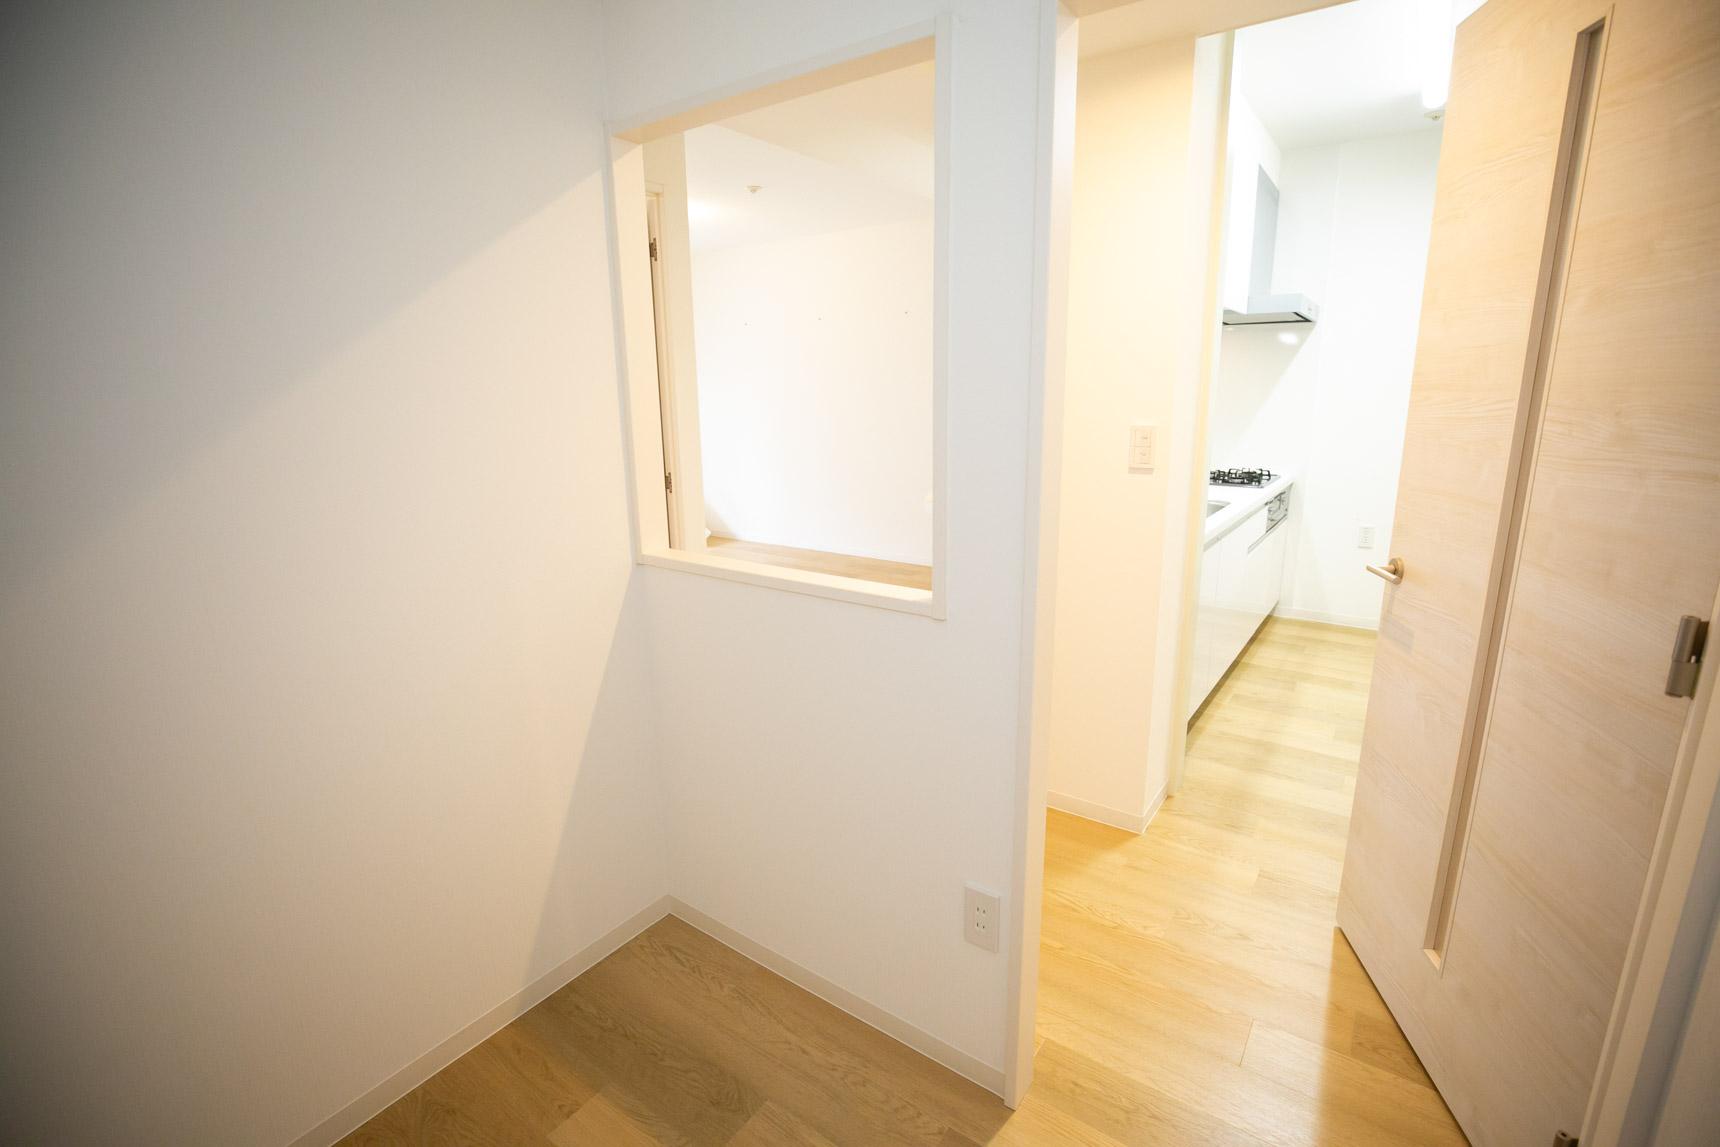 このスペース。キッチンとの動線的に、食材置き場のようにして使うととても便利なのでは!? と夢が膨らんでしまいました。憧れのパントリー……!